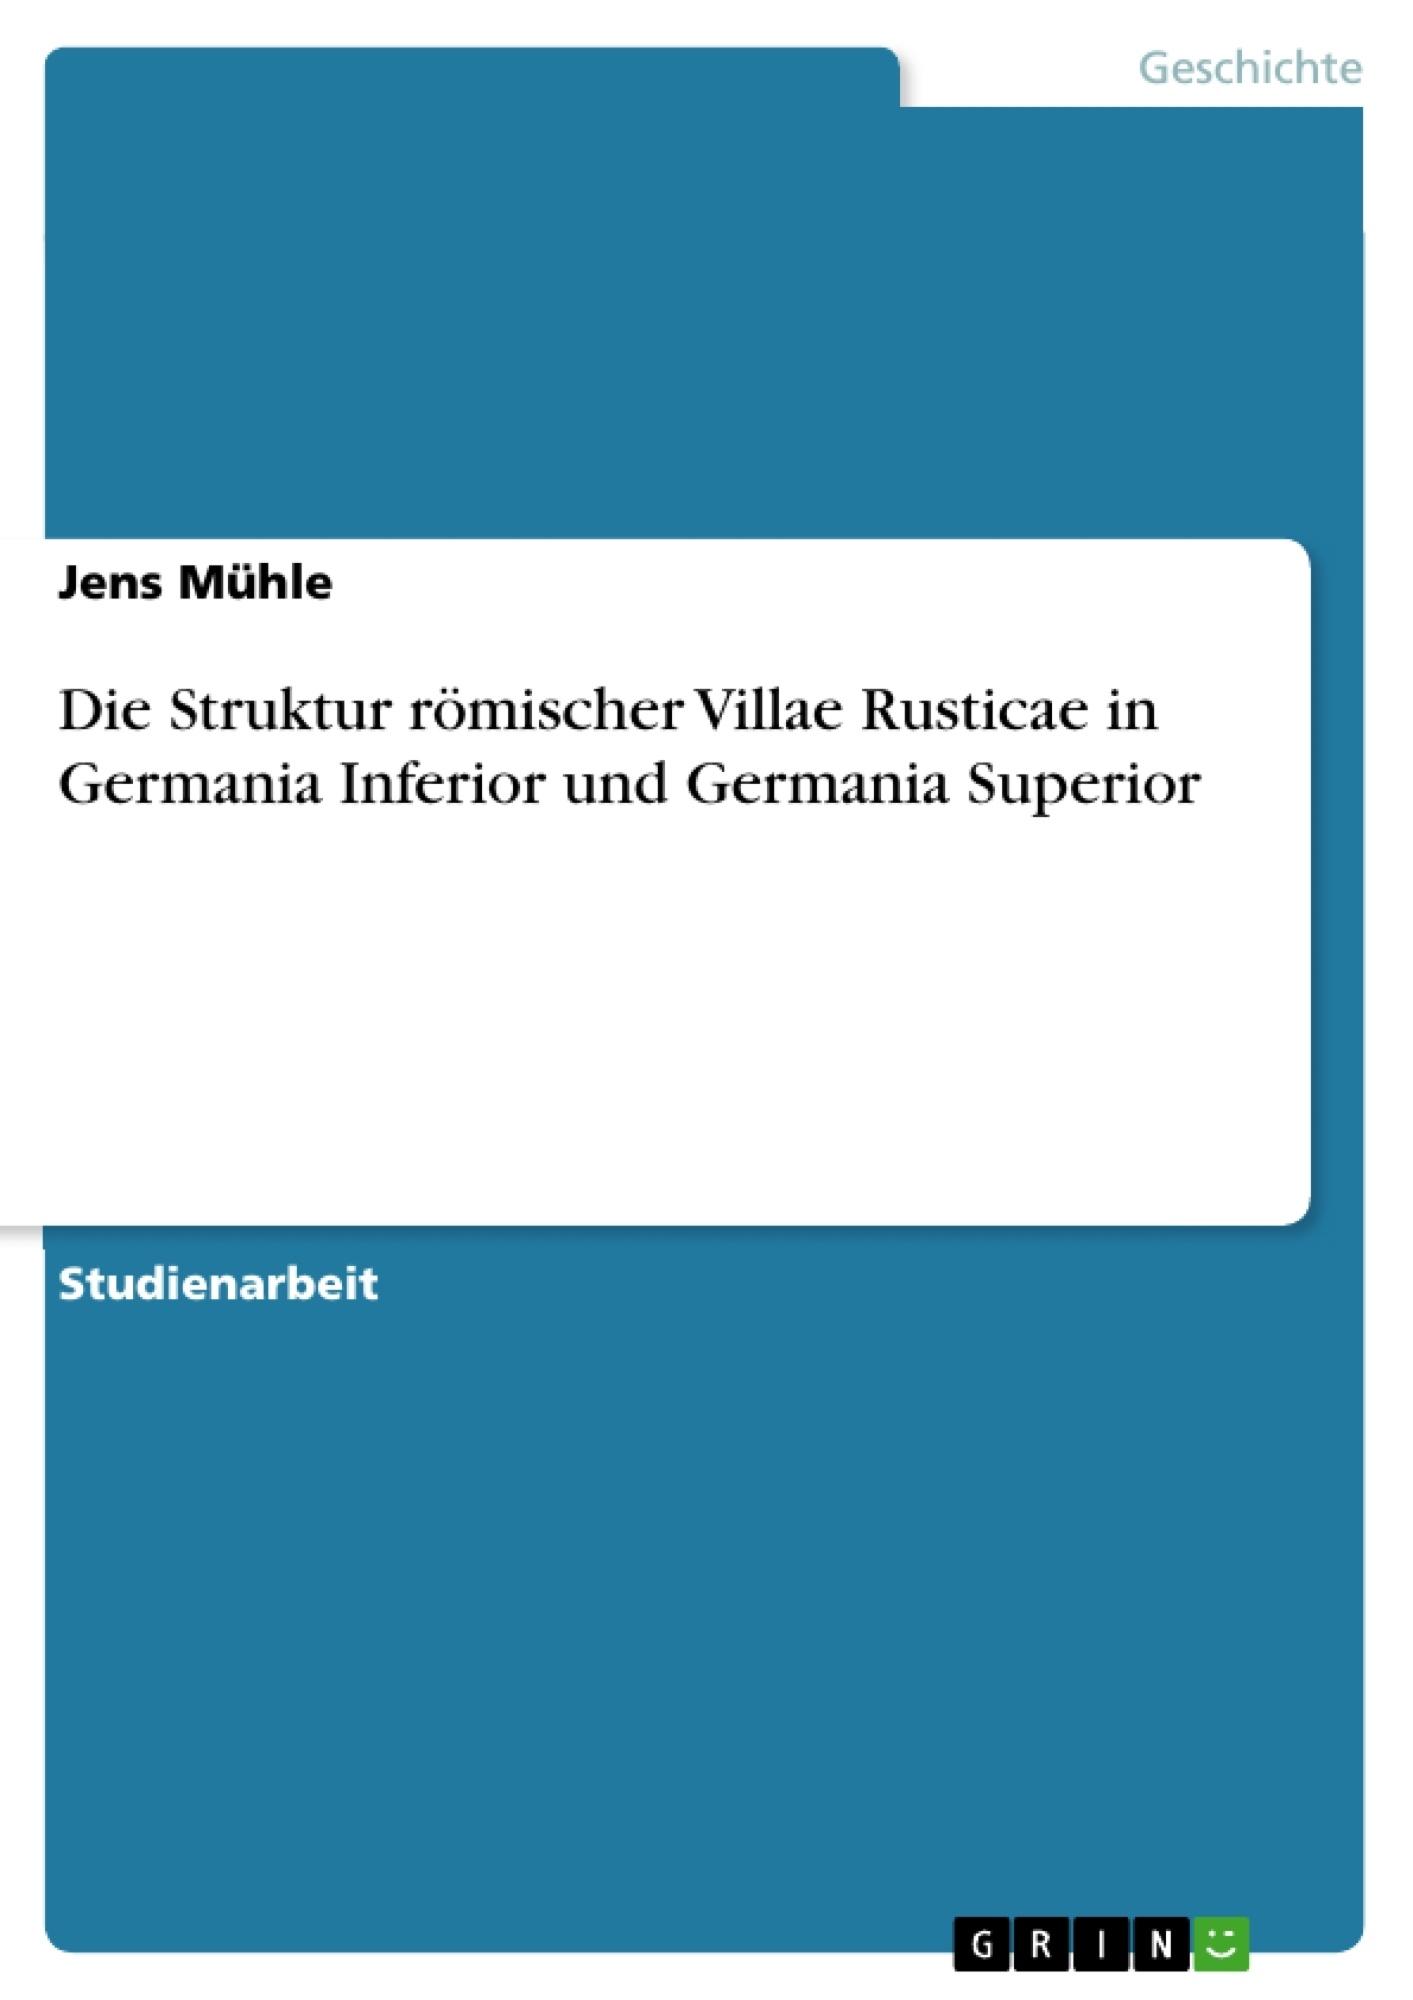 Titel: Die Struktur römischer Villae Rusticae in Germania Inferior und Germania Superior